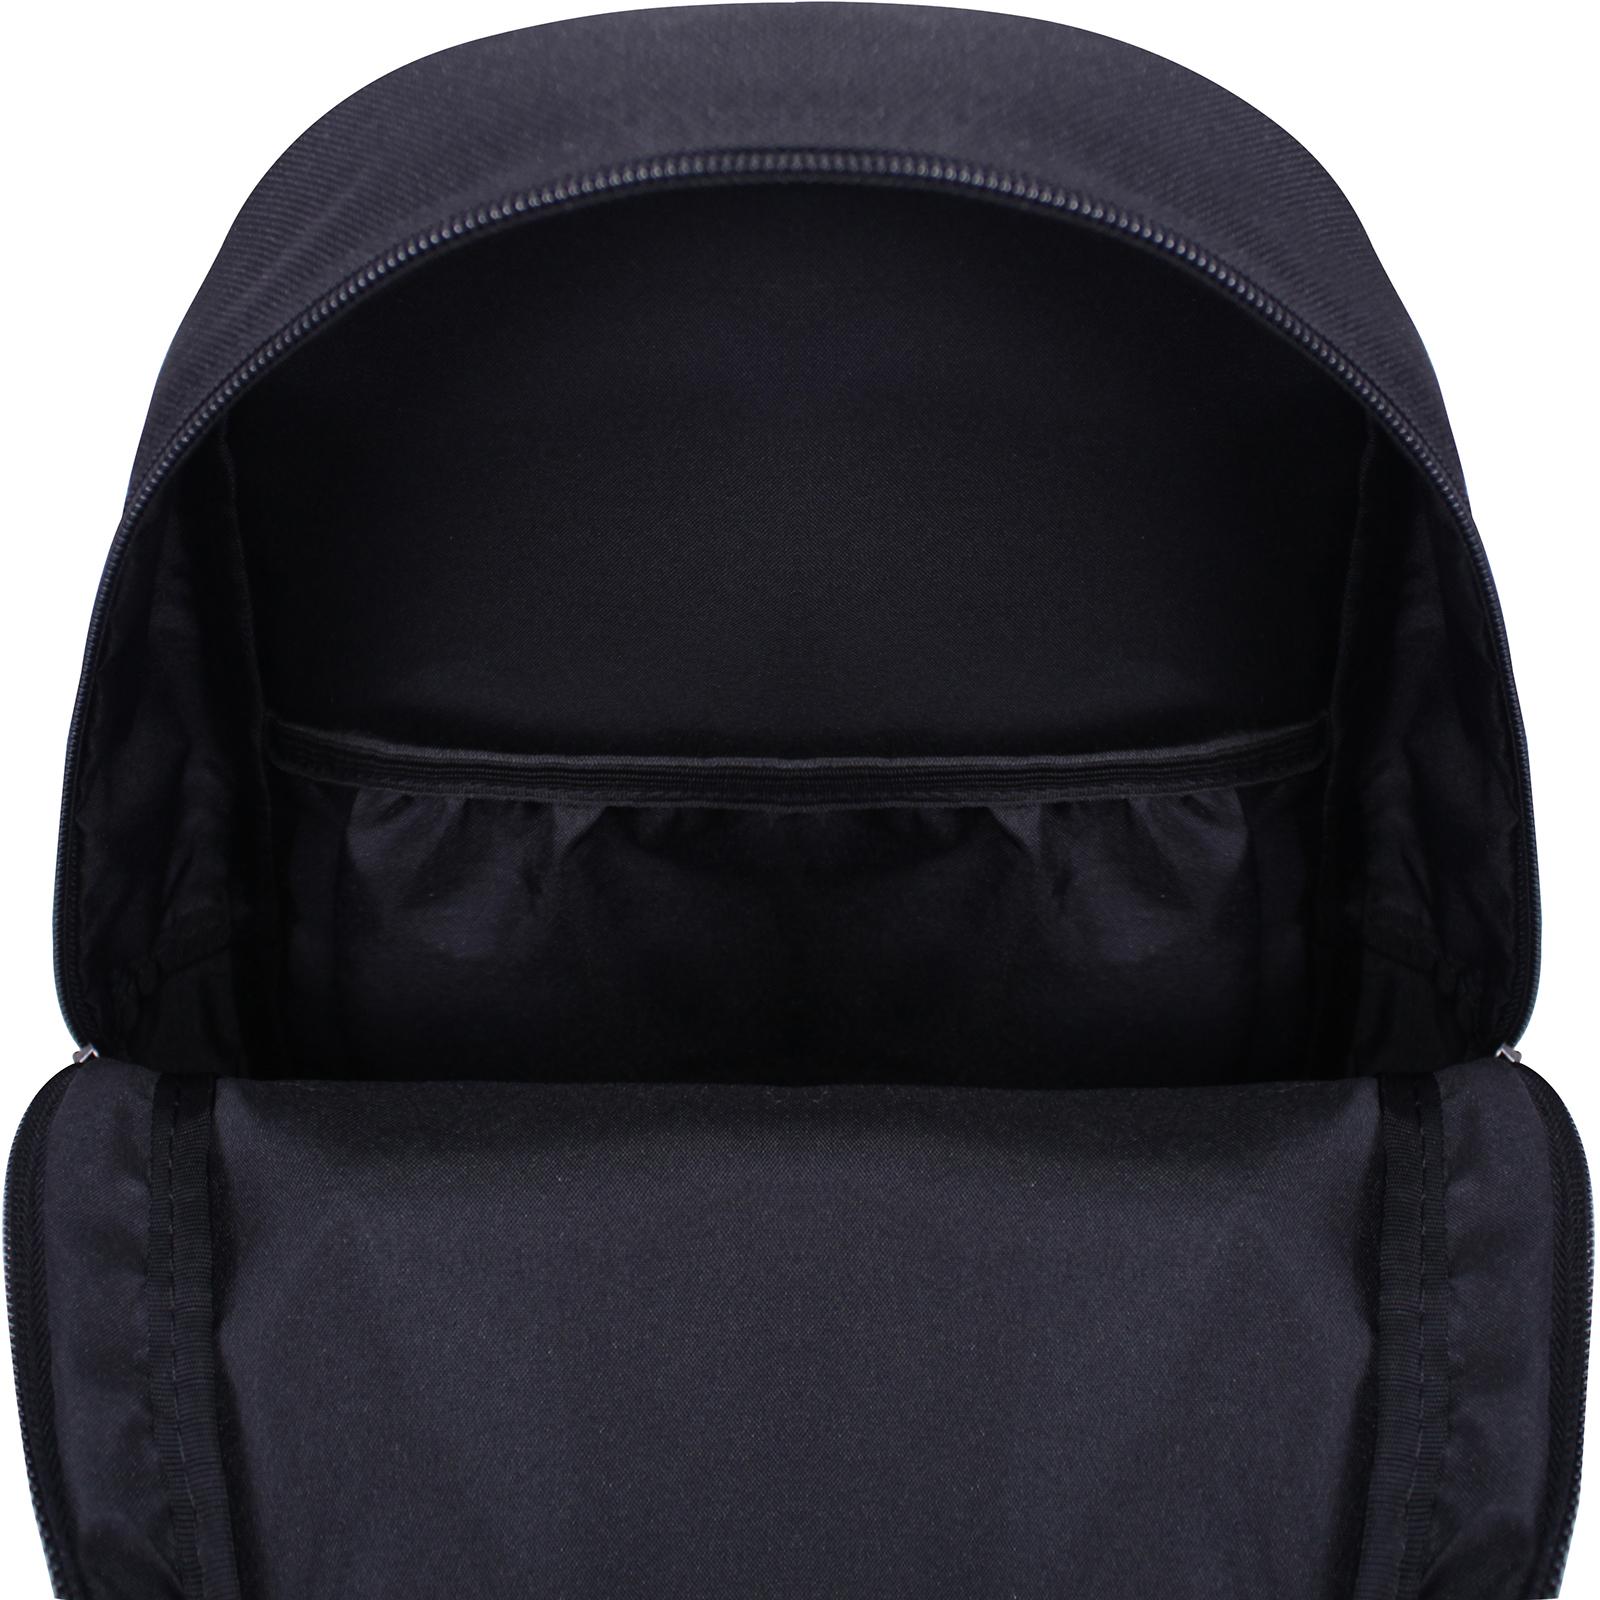 Рюкзак Bagland Молодежный mini 8 л. черный 763 (0050866) фото 4